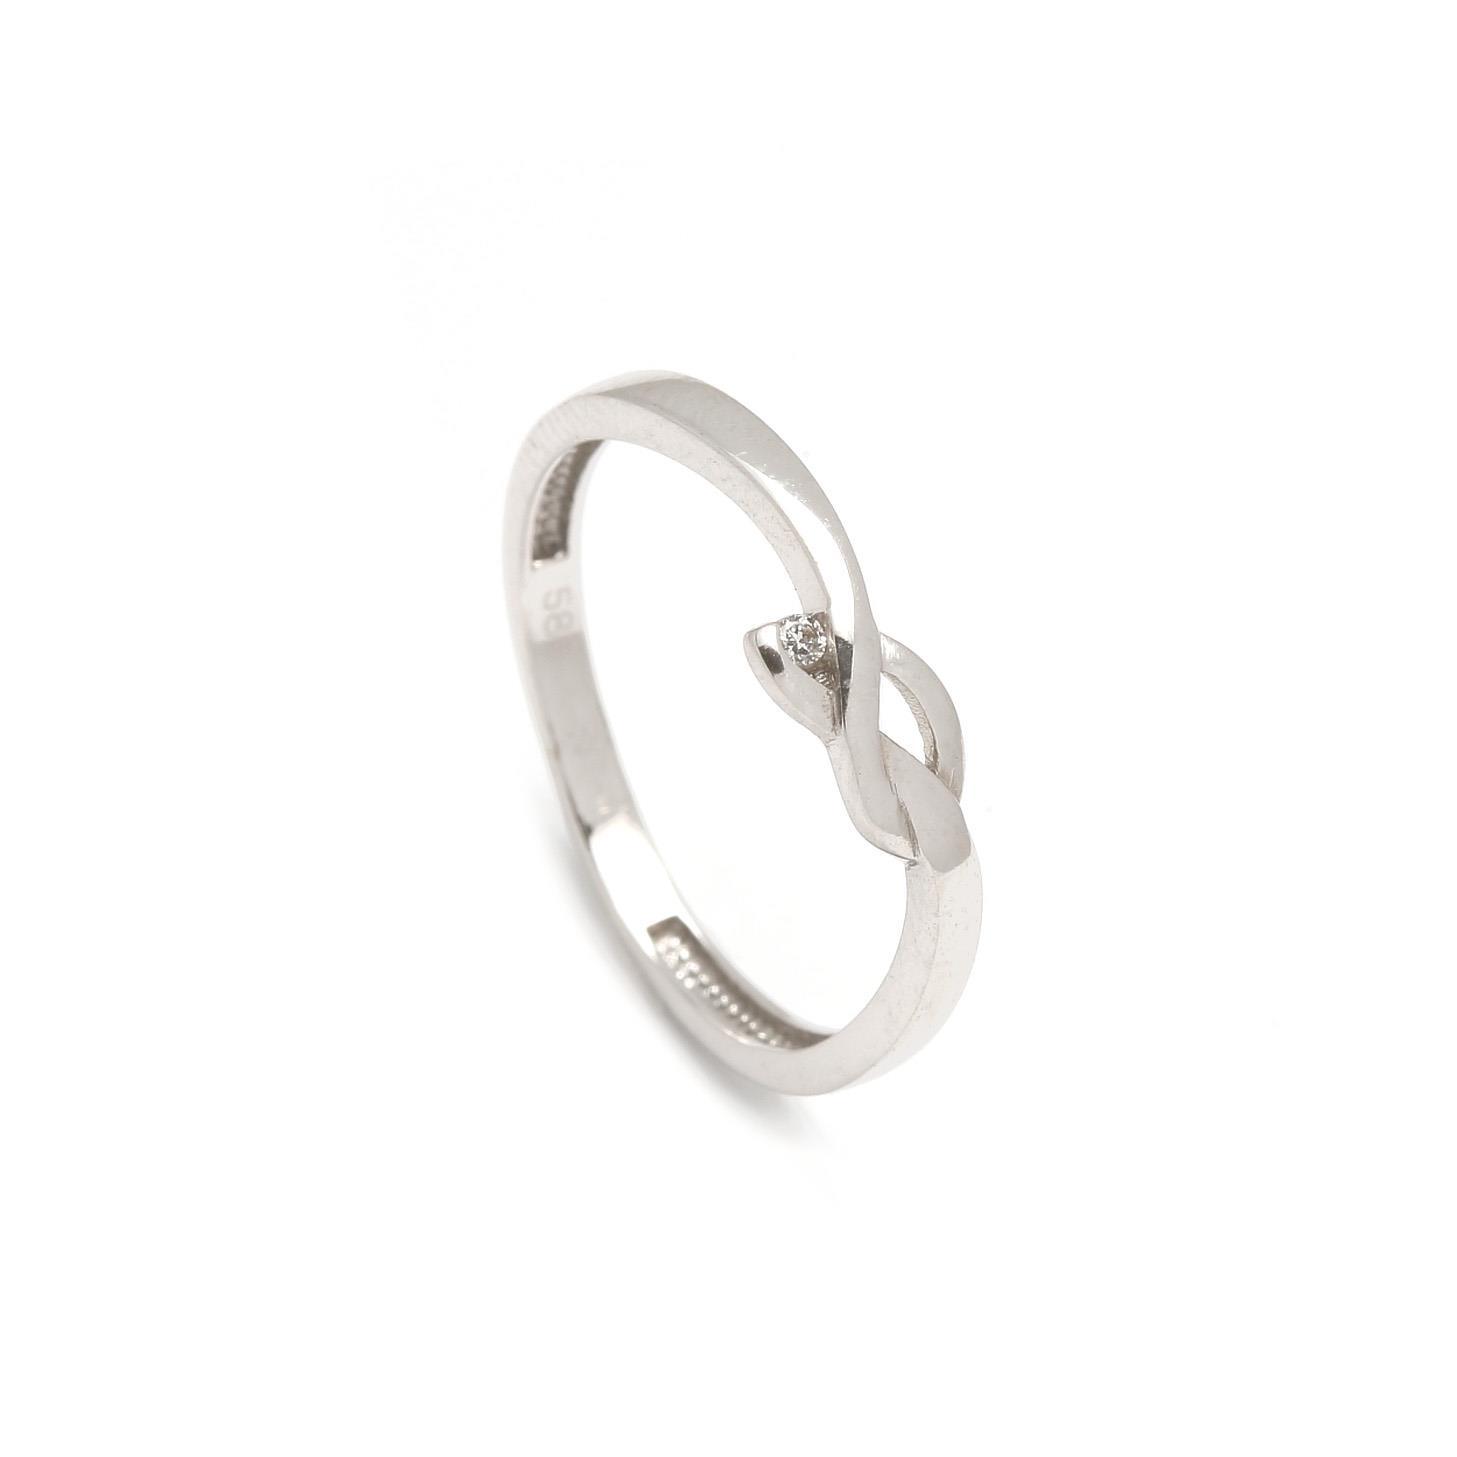 Zlatý dámsky prsteň GIUSEPPA 1PB00085